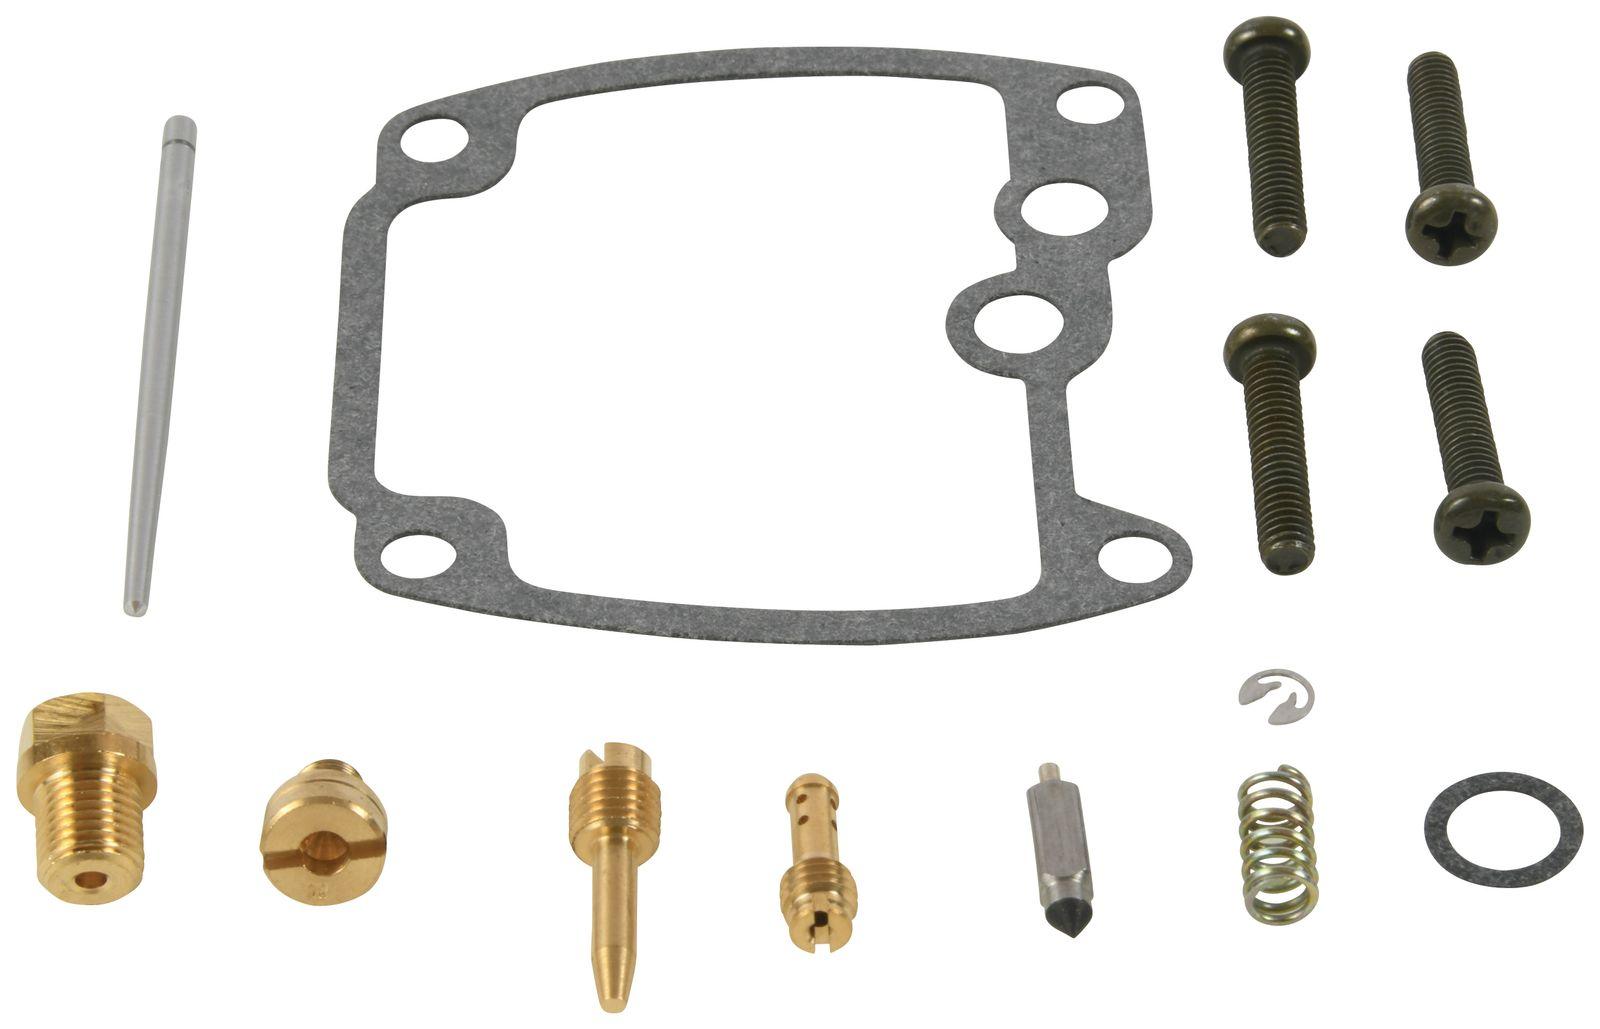 Wrp Carb Repair Kits - WRP2610007 image